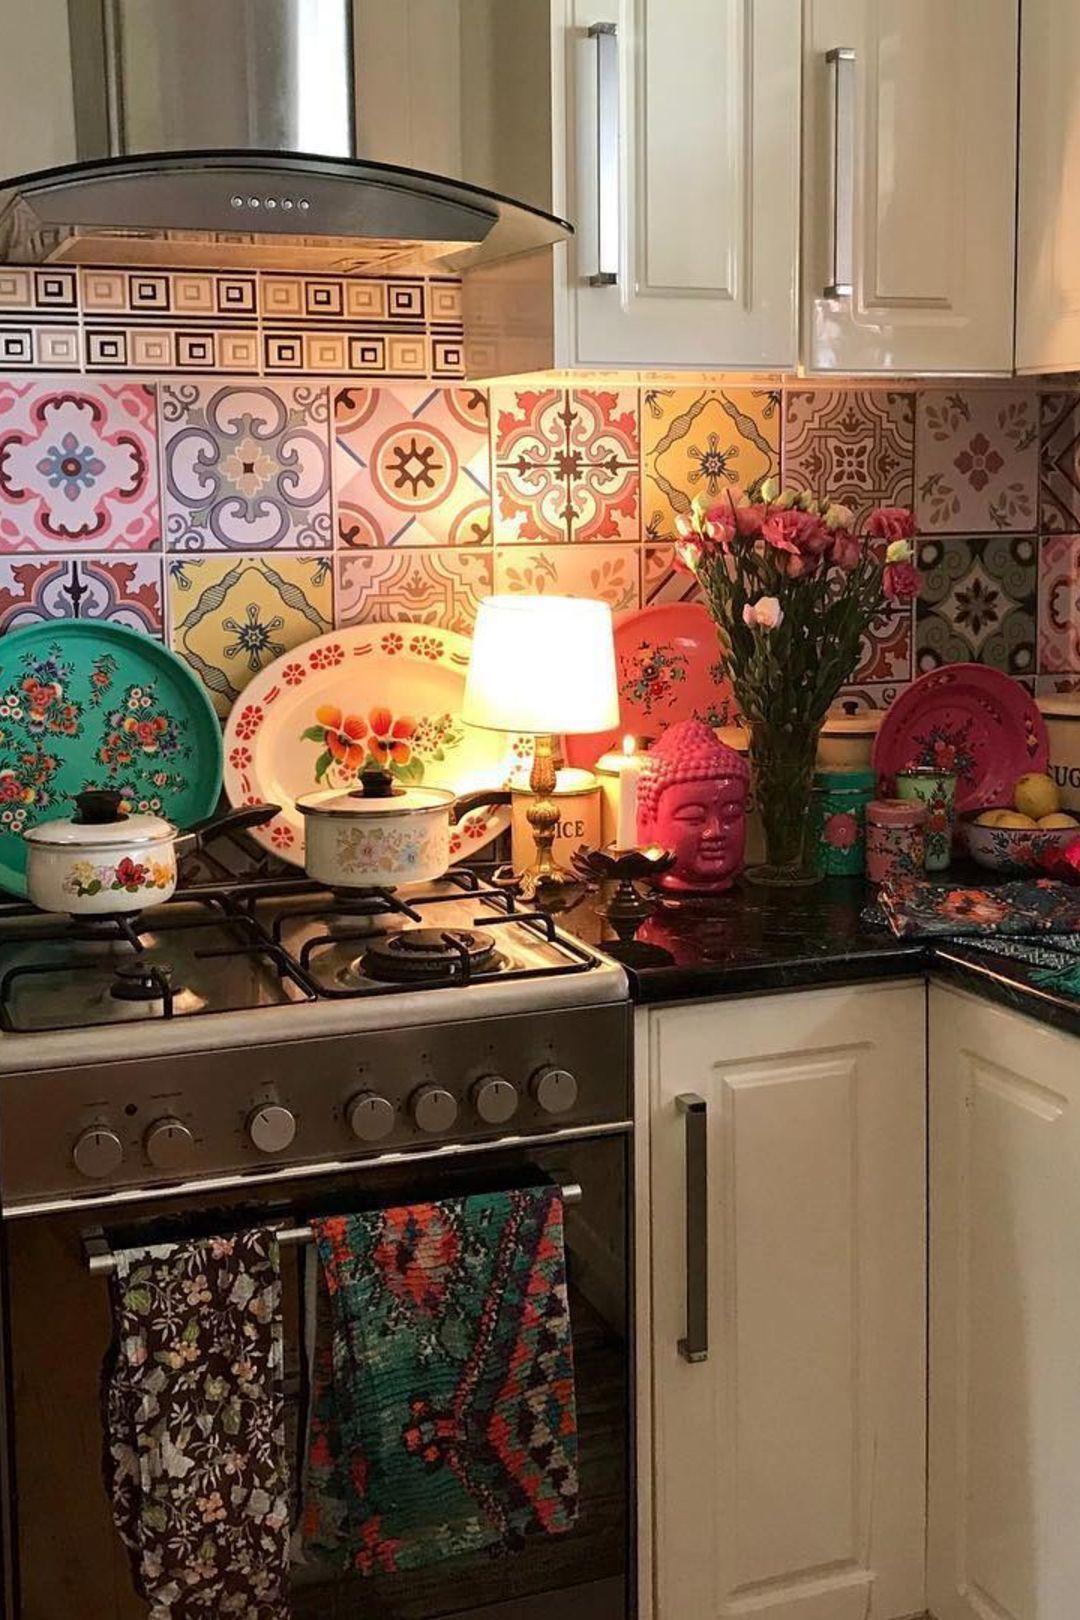 Copper Kitchen Decor Walmart Kitchen Decor Themed Kitchen Decor Sets Turquoi Copper Decor Kitchen Sets Themed In 2020 Bohemian Kitchen Hippie Kitchen Decor